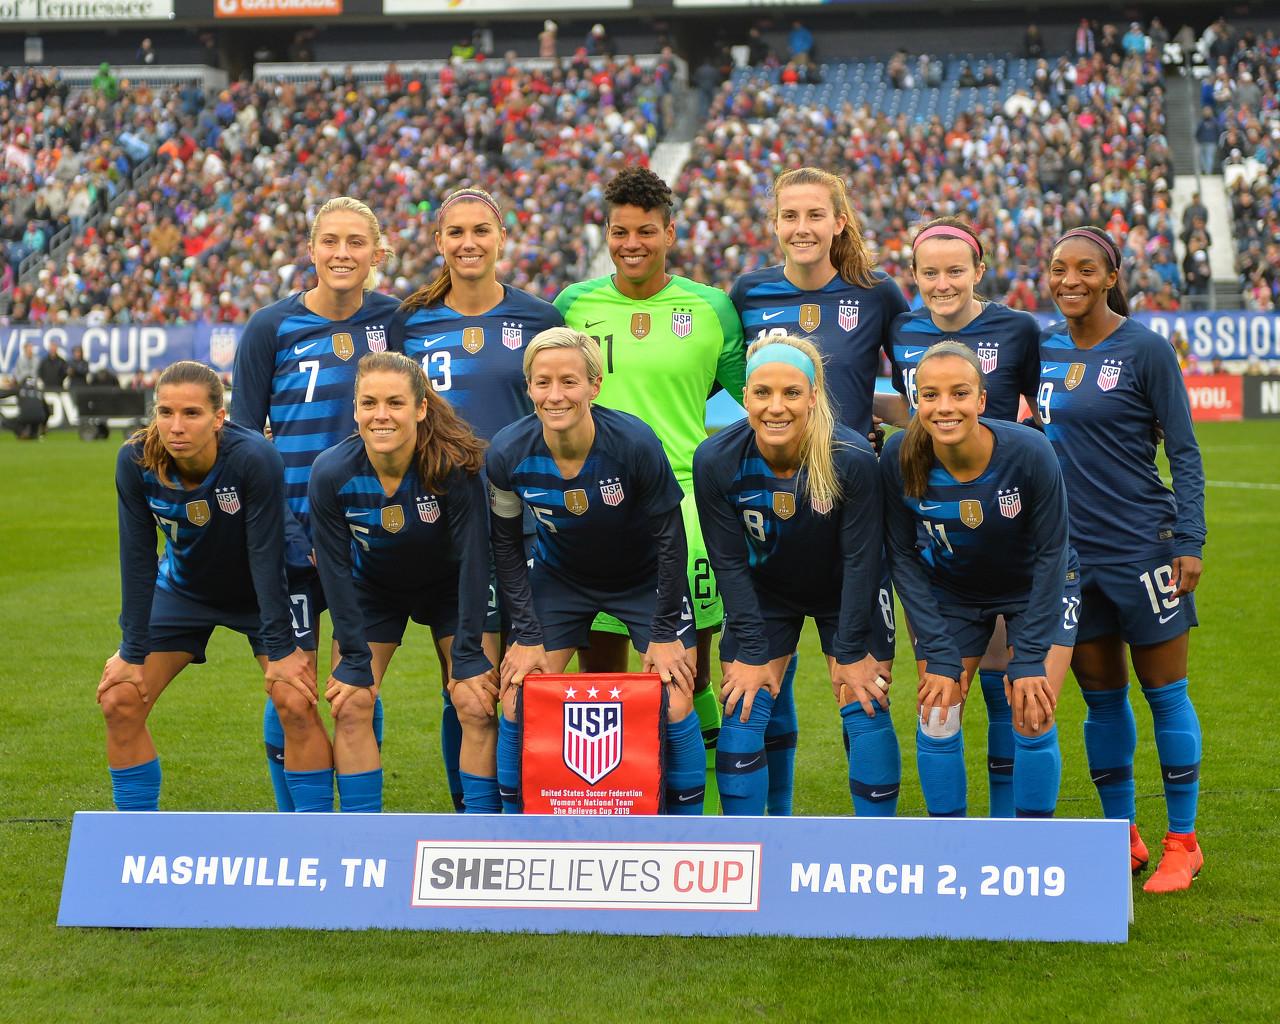 美国女足8届世界杯全部打进4强,最差成绩为季军